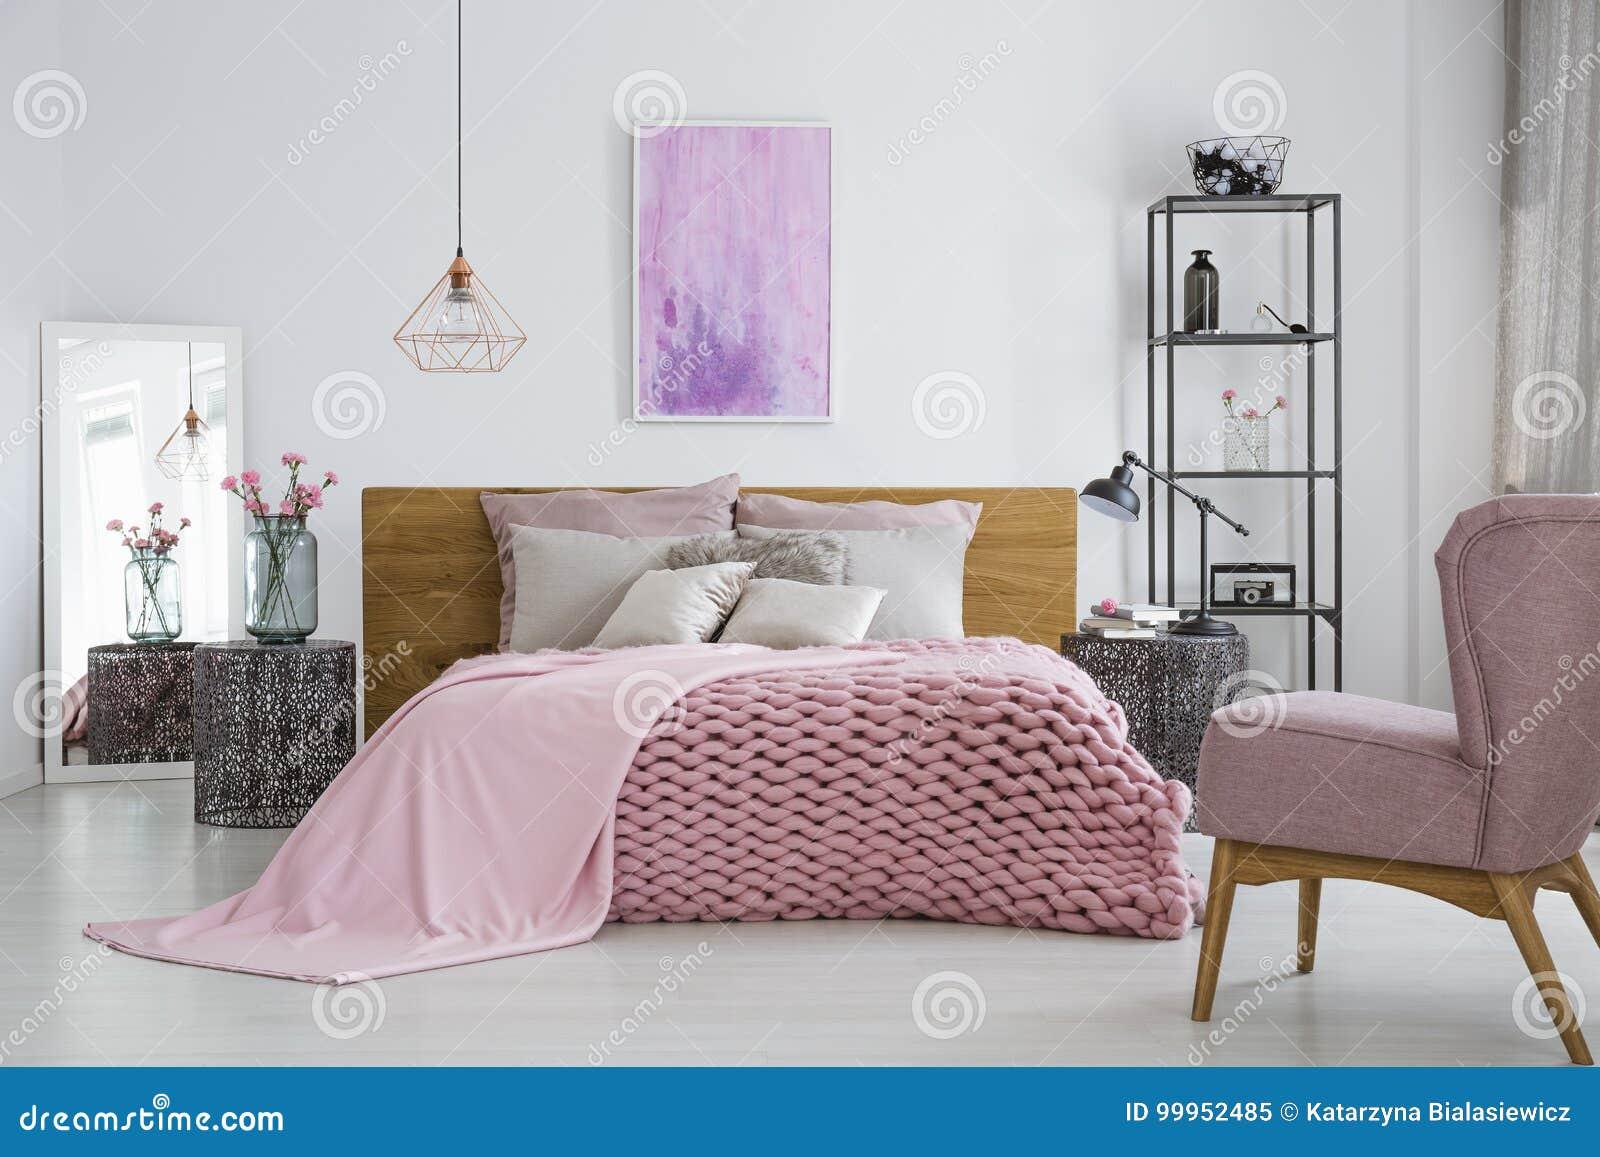 Lit Au Milieu D Une Chambre couverture de knit dans la chambre à coucher féminine image